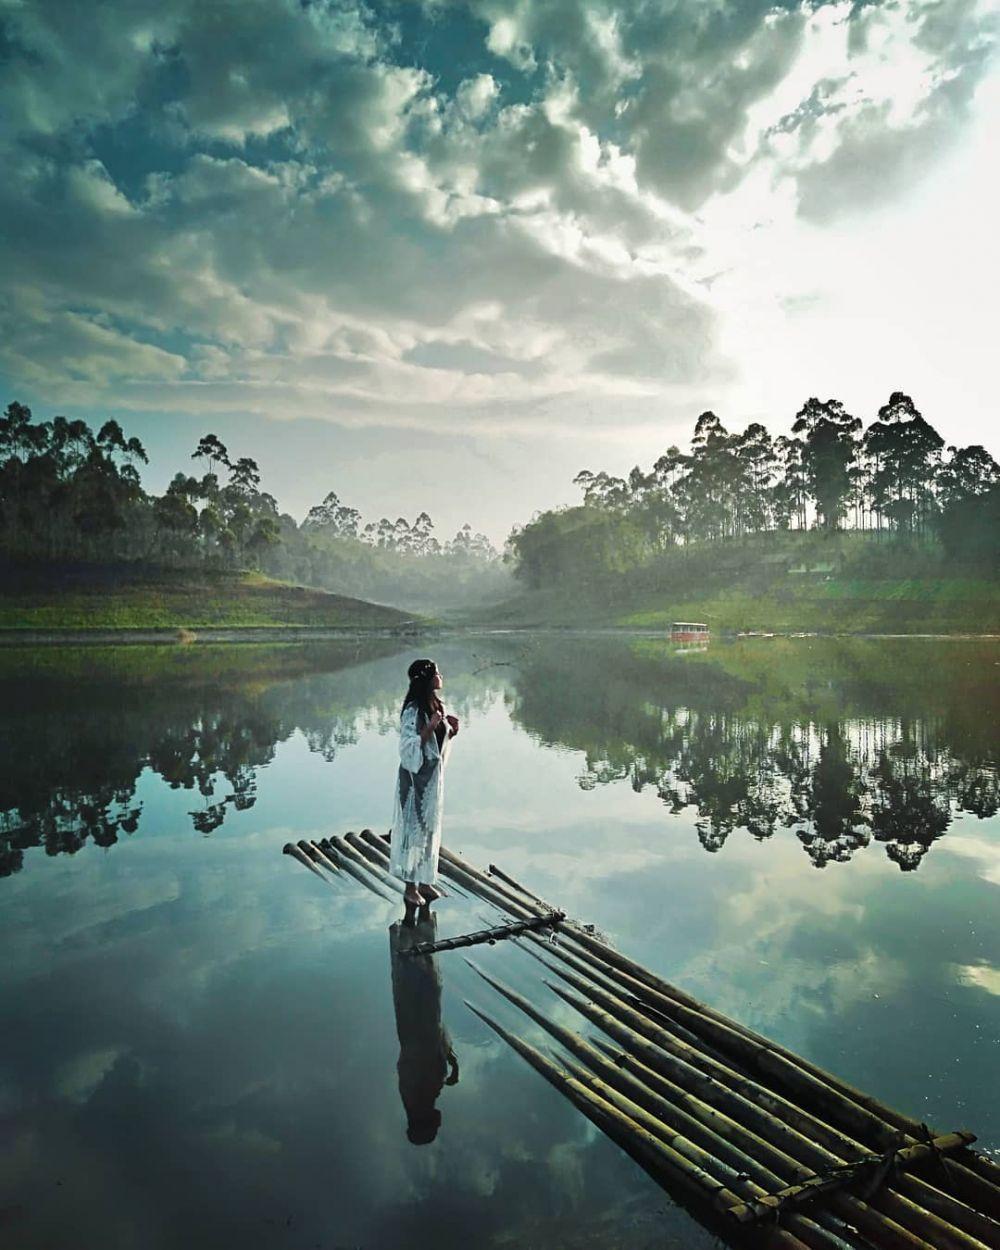 One Day Trip ke Pangalengan Bandung, Bisa Singgah di 5 Spot Wisata Ini